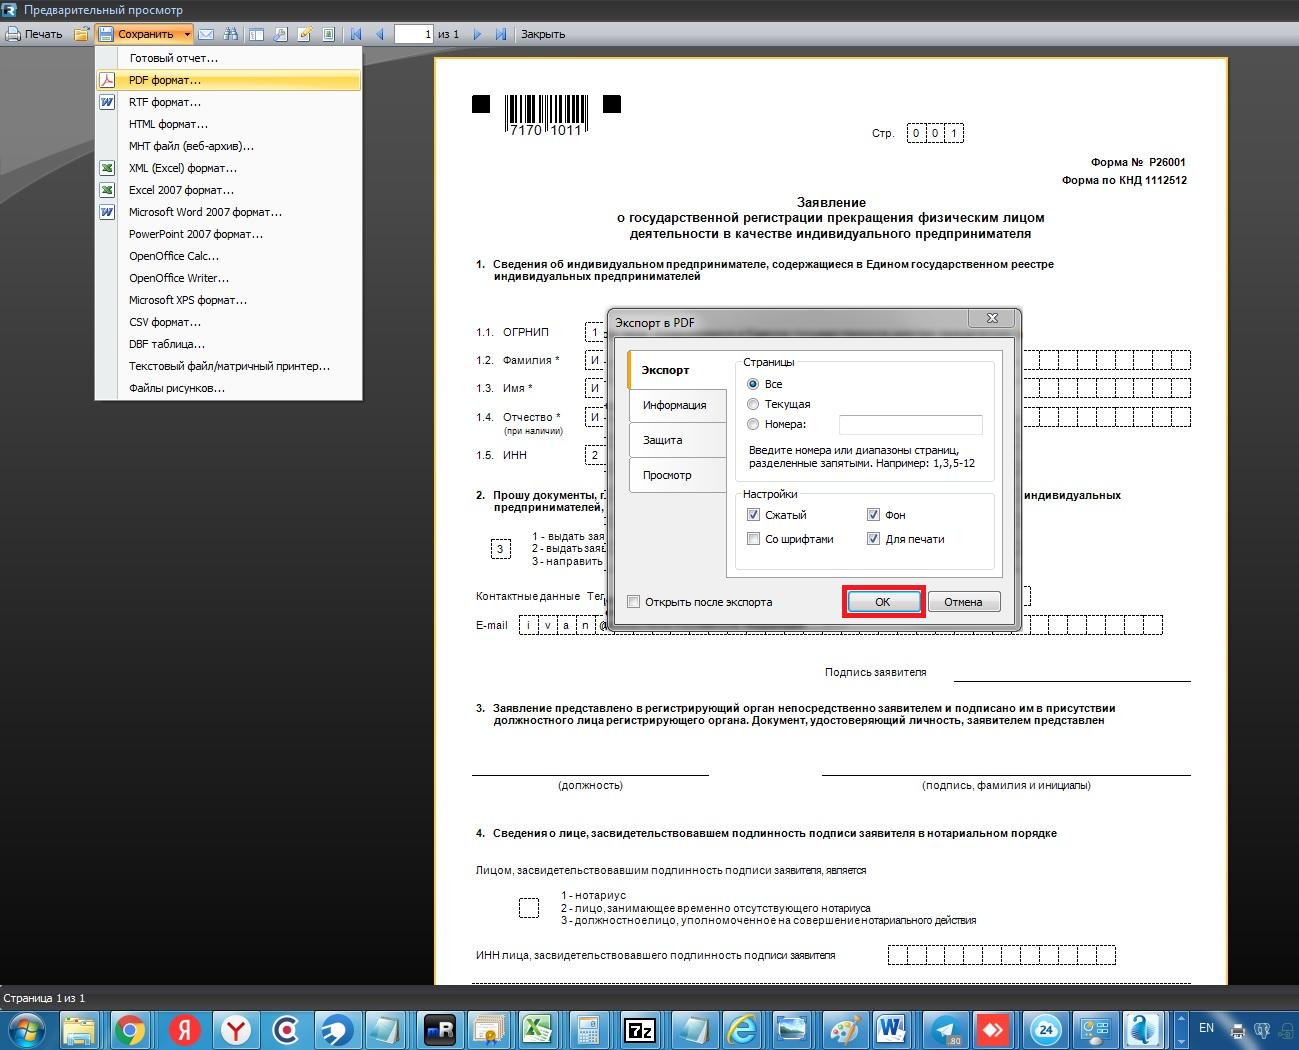 Заявление о прекращении деятельности ИП (КНД 1112512 форма Р26001)